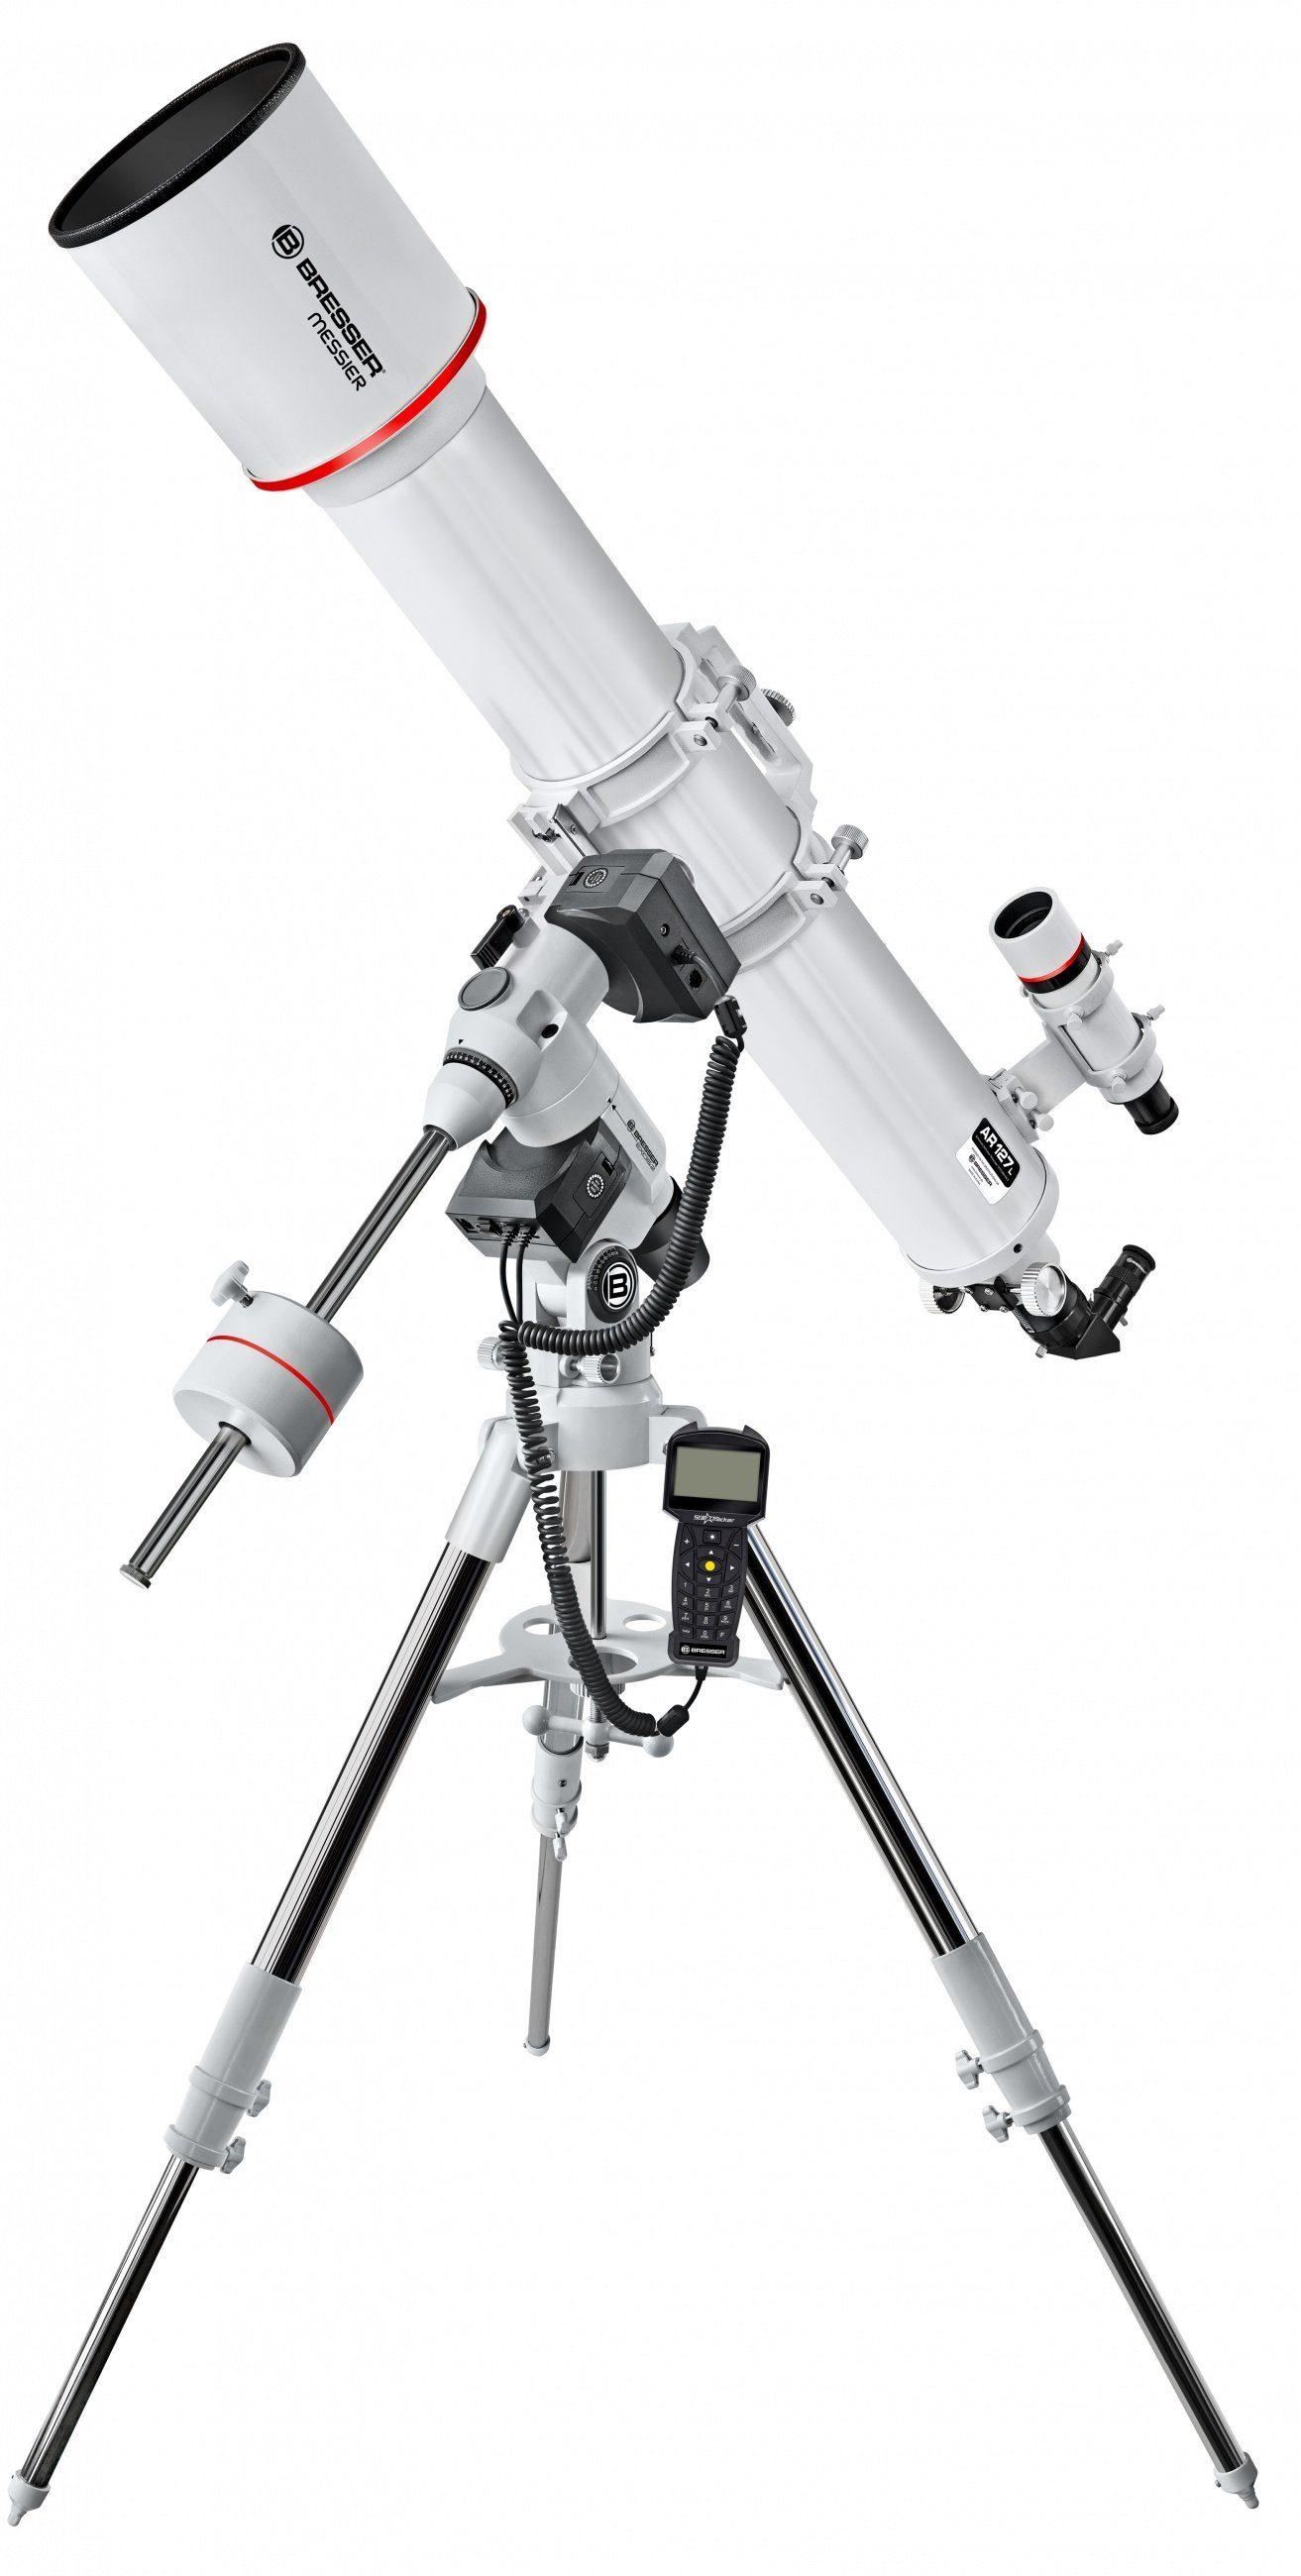 Bresser Teleskop »Messier Refraktor AR-127L/1200 EXOS-2 GoTo Hexafoc«